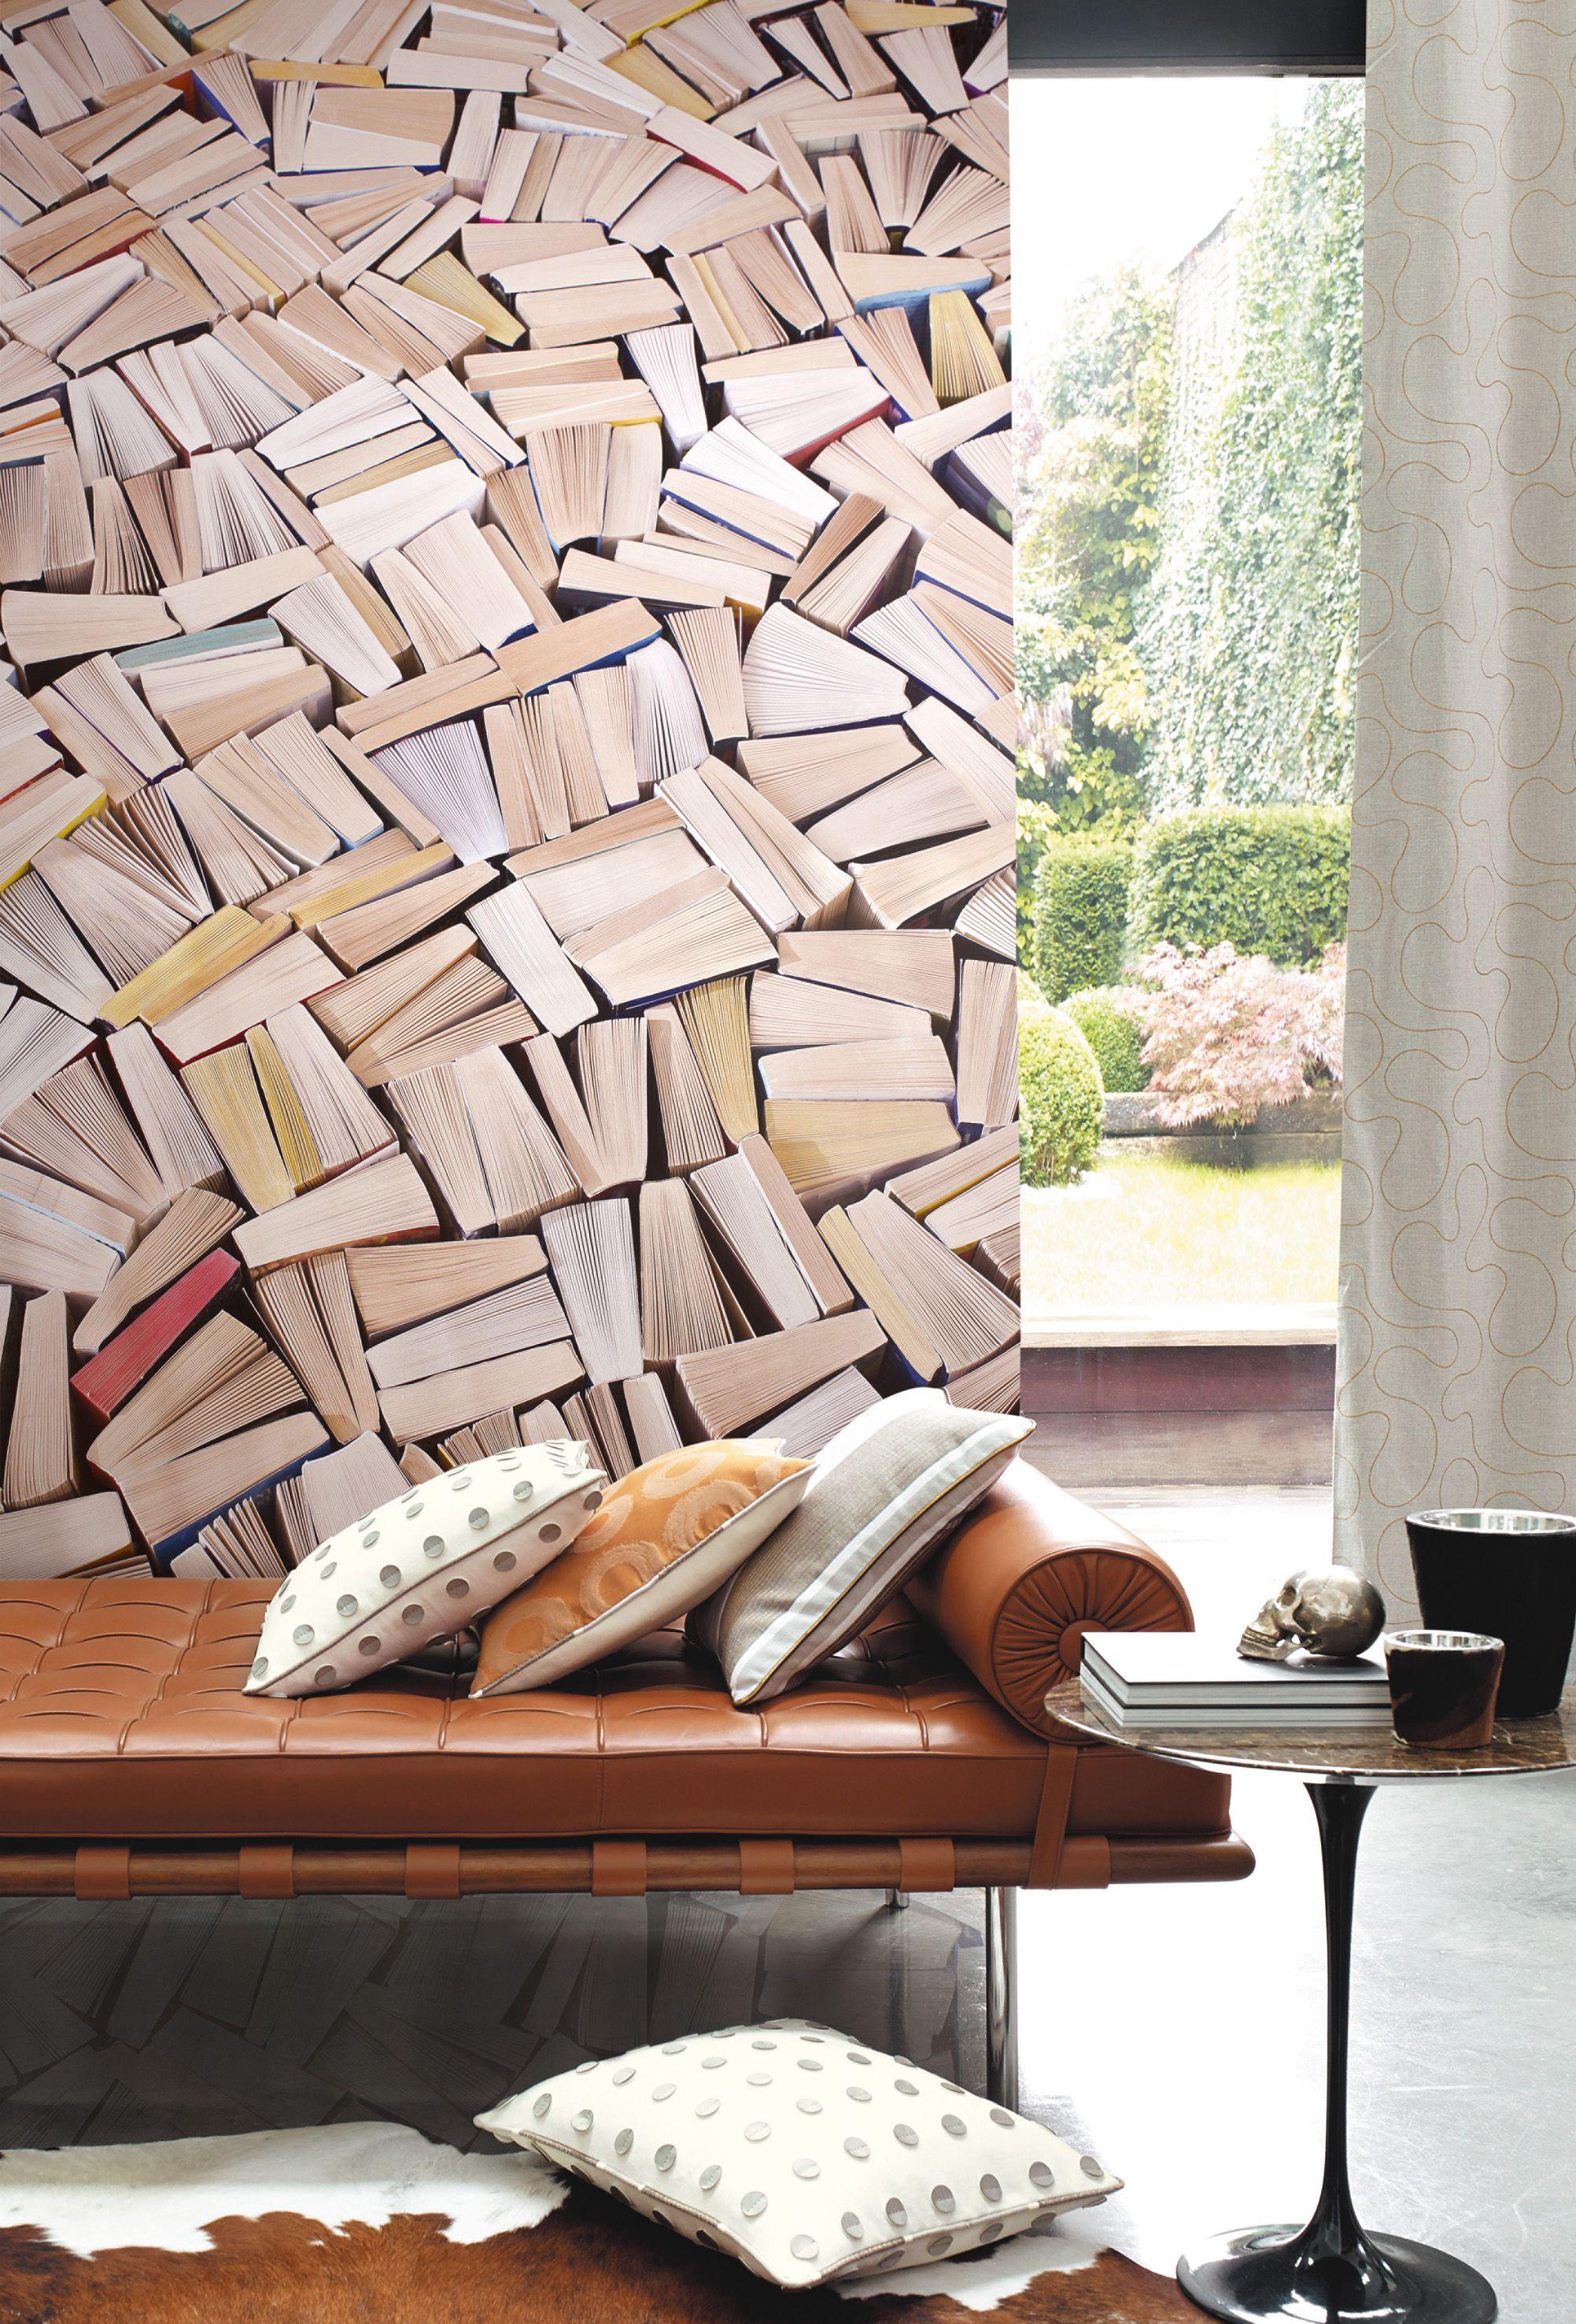 papier peint livres latest papier peint livres papier peint trompe loeil livres papier peint. Black Bedroom Furniture Sets. Home Design Ideas